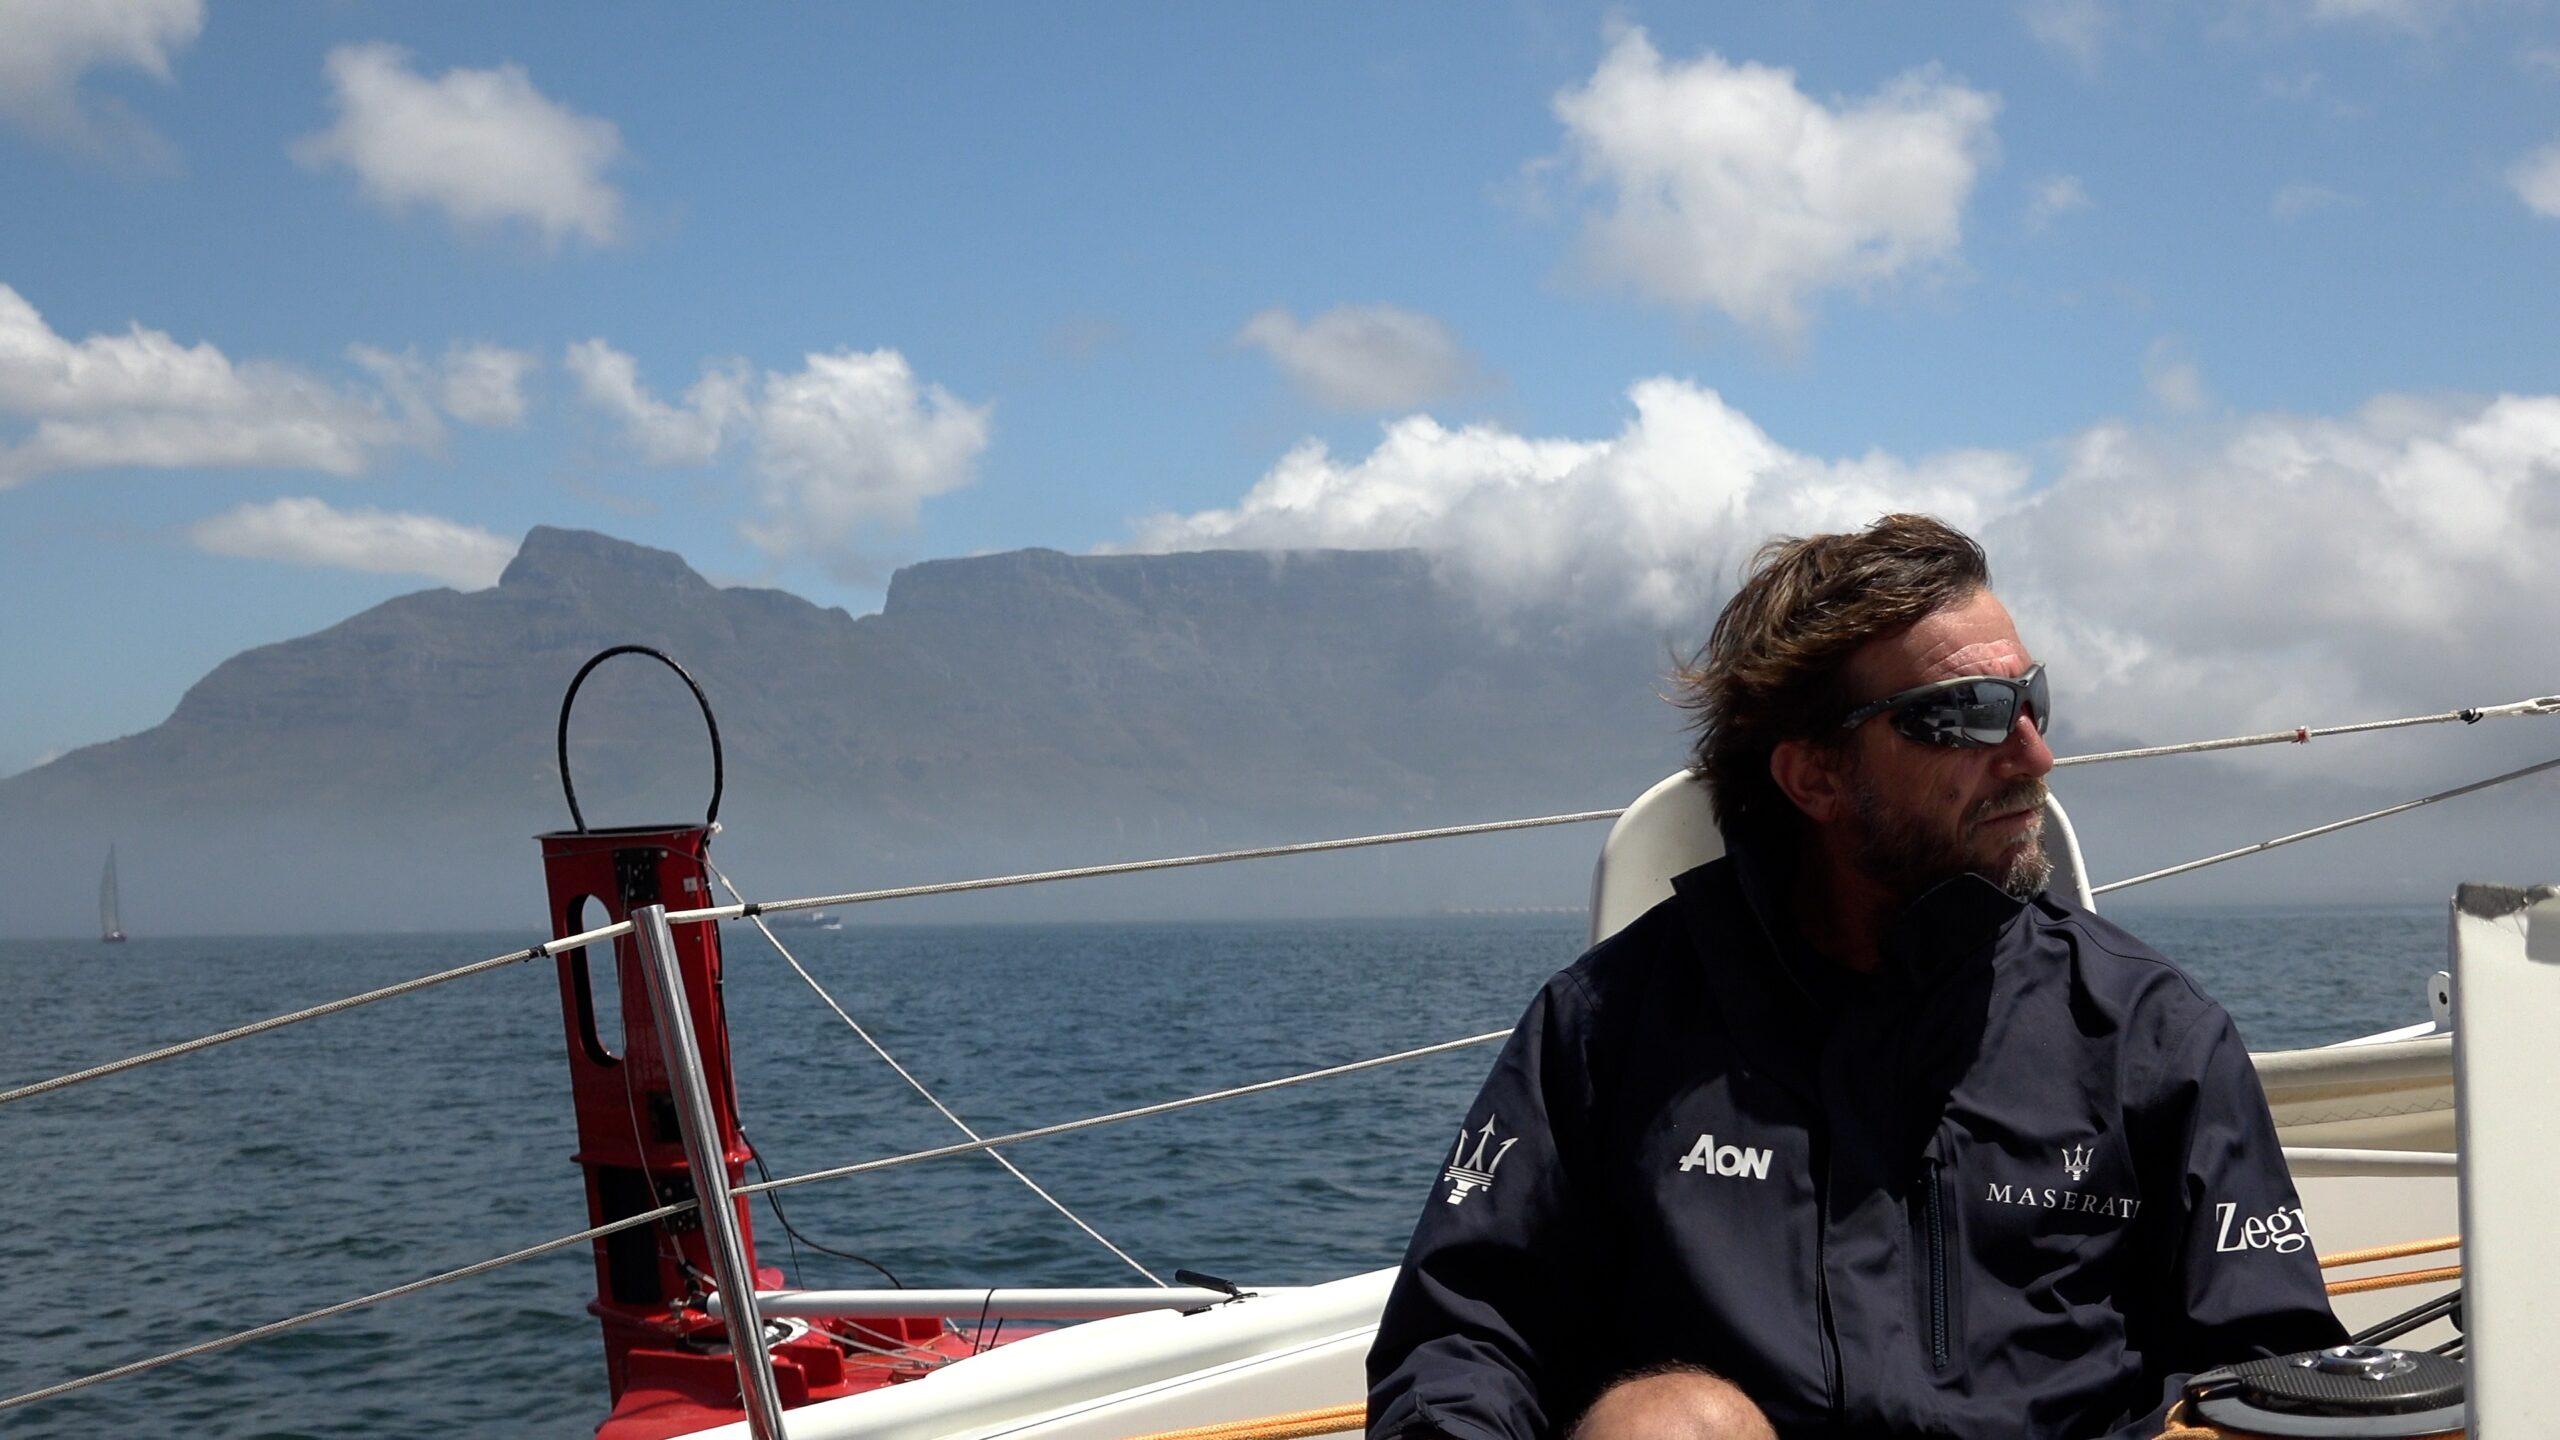 Poco vento per Soldini, alla Cape2Rio il record è di LoveWater